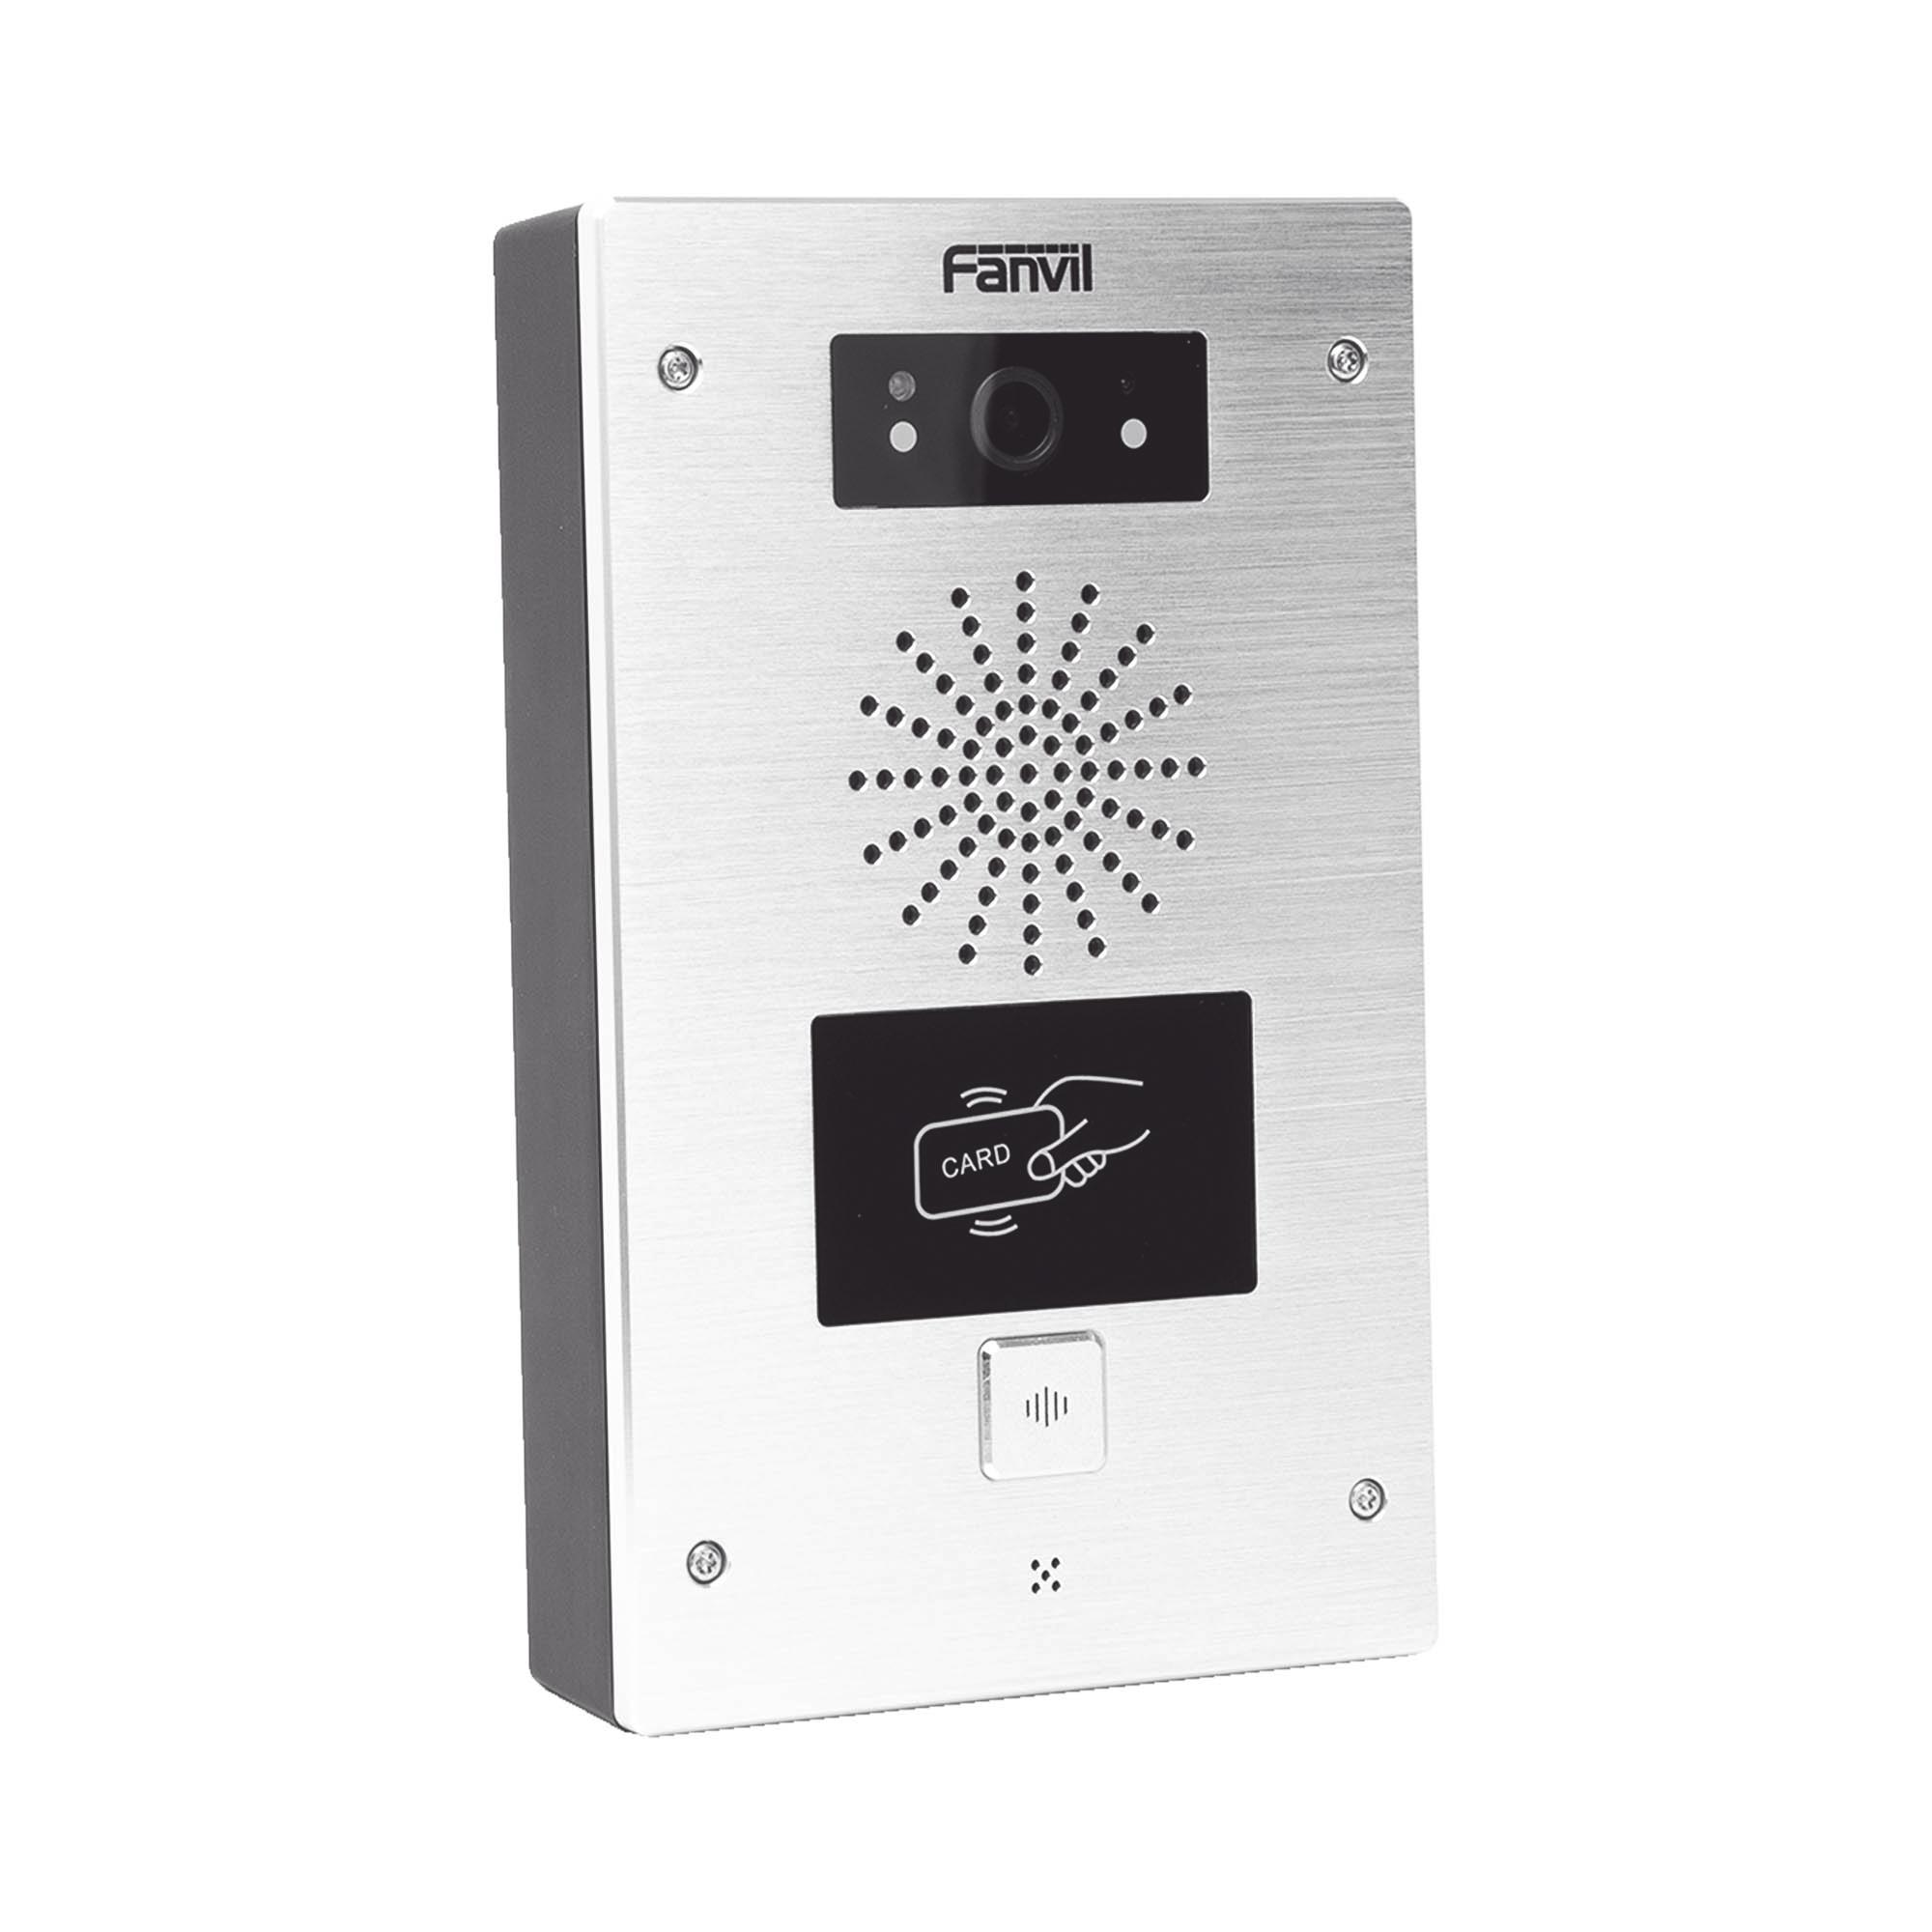 Video portero IP, 2 líneas SIP, 2 relevadores, lector de tarjeta RFID, Onvif, con botón para llamada, anti-vandálico, PoE, IP65 e IK10, PoE